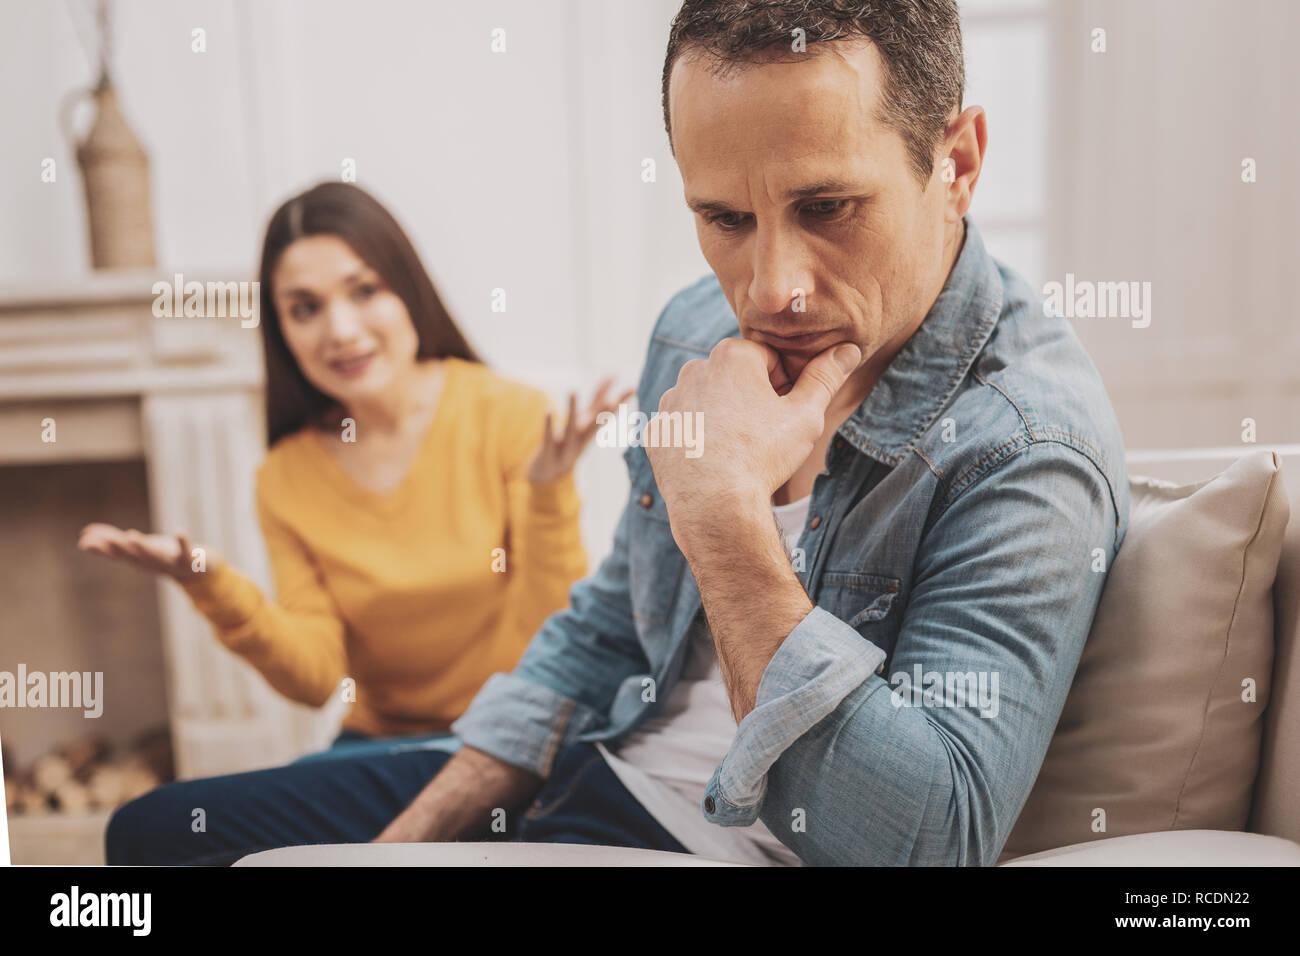 Mature man wearing denim shirt feeling thoughtful - Stock Image